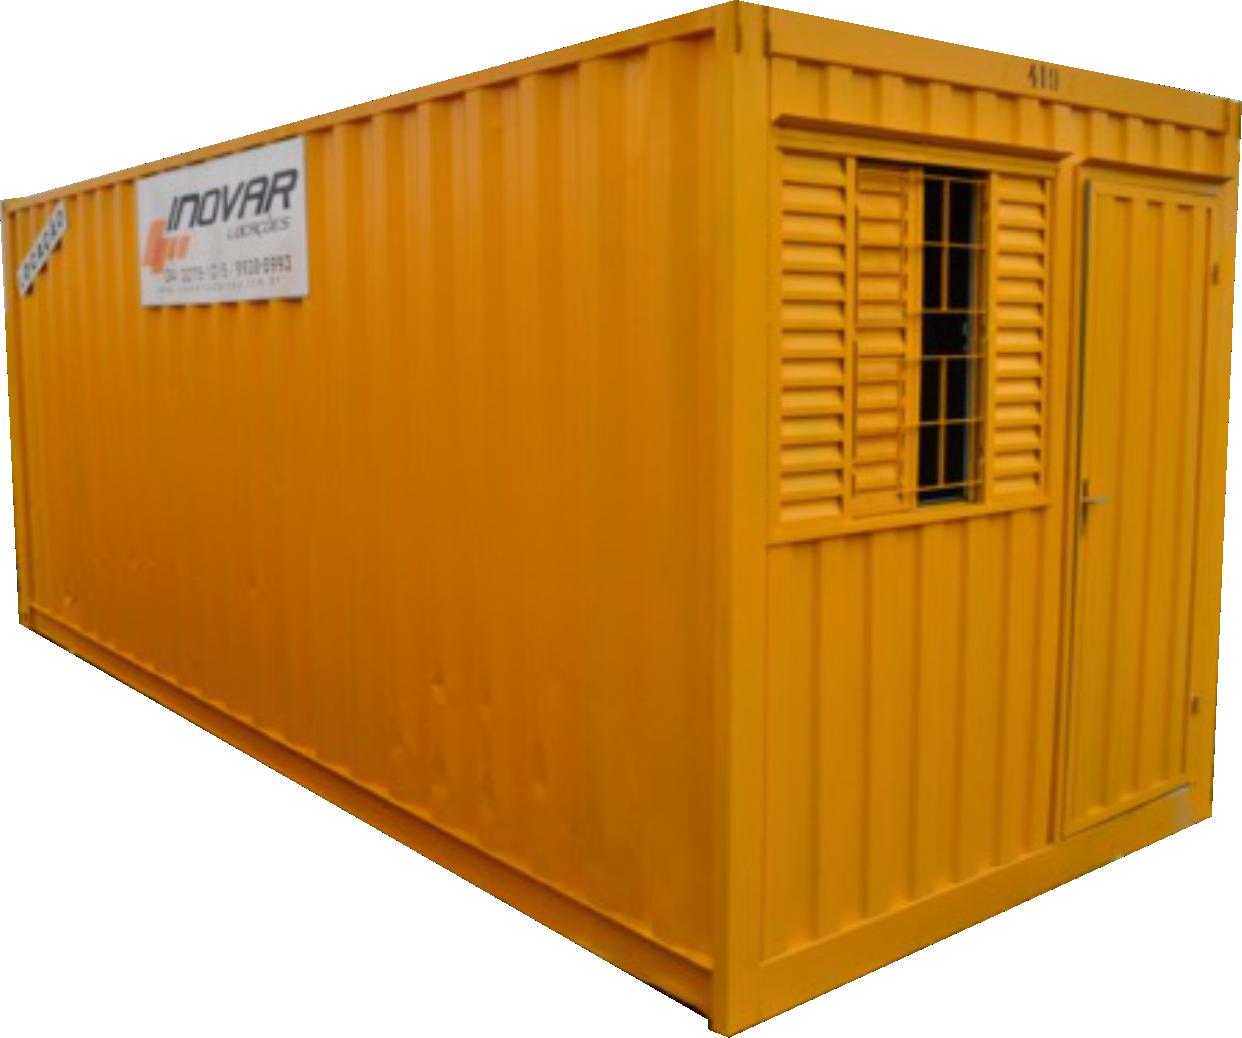 Foto do Container Escritório